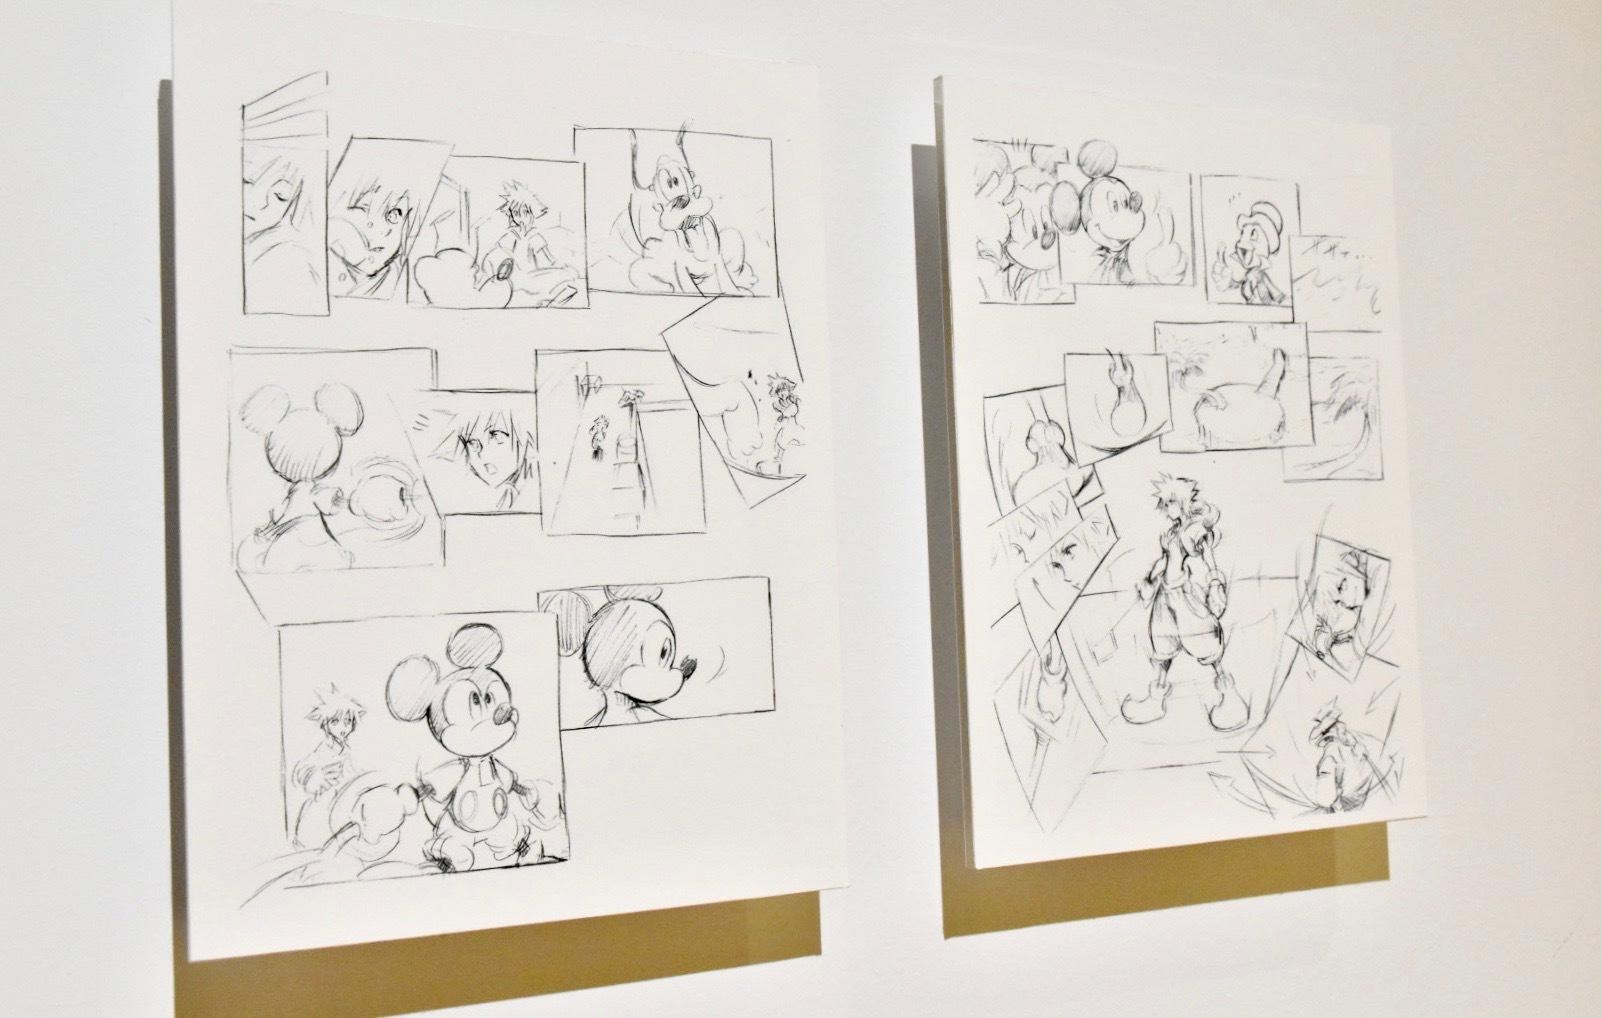 Tetsuya Nomura《Sketches from KINGDOM HEARTS Re:coded》 (C)Disney